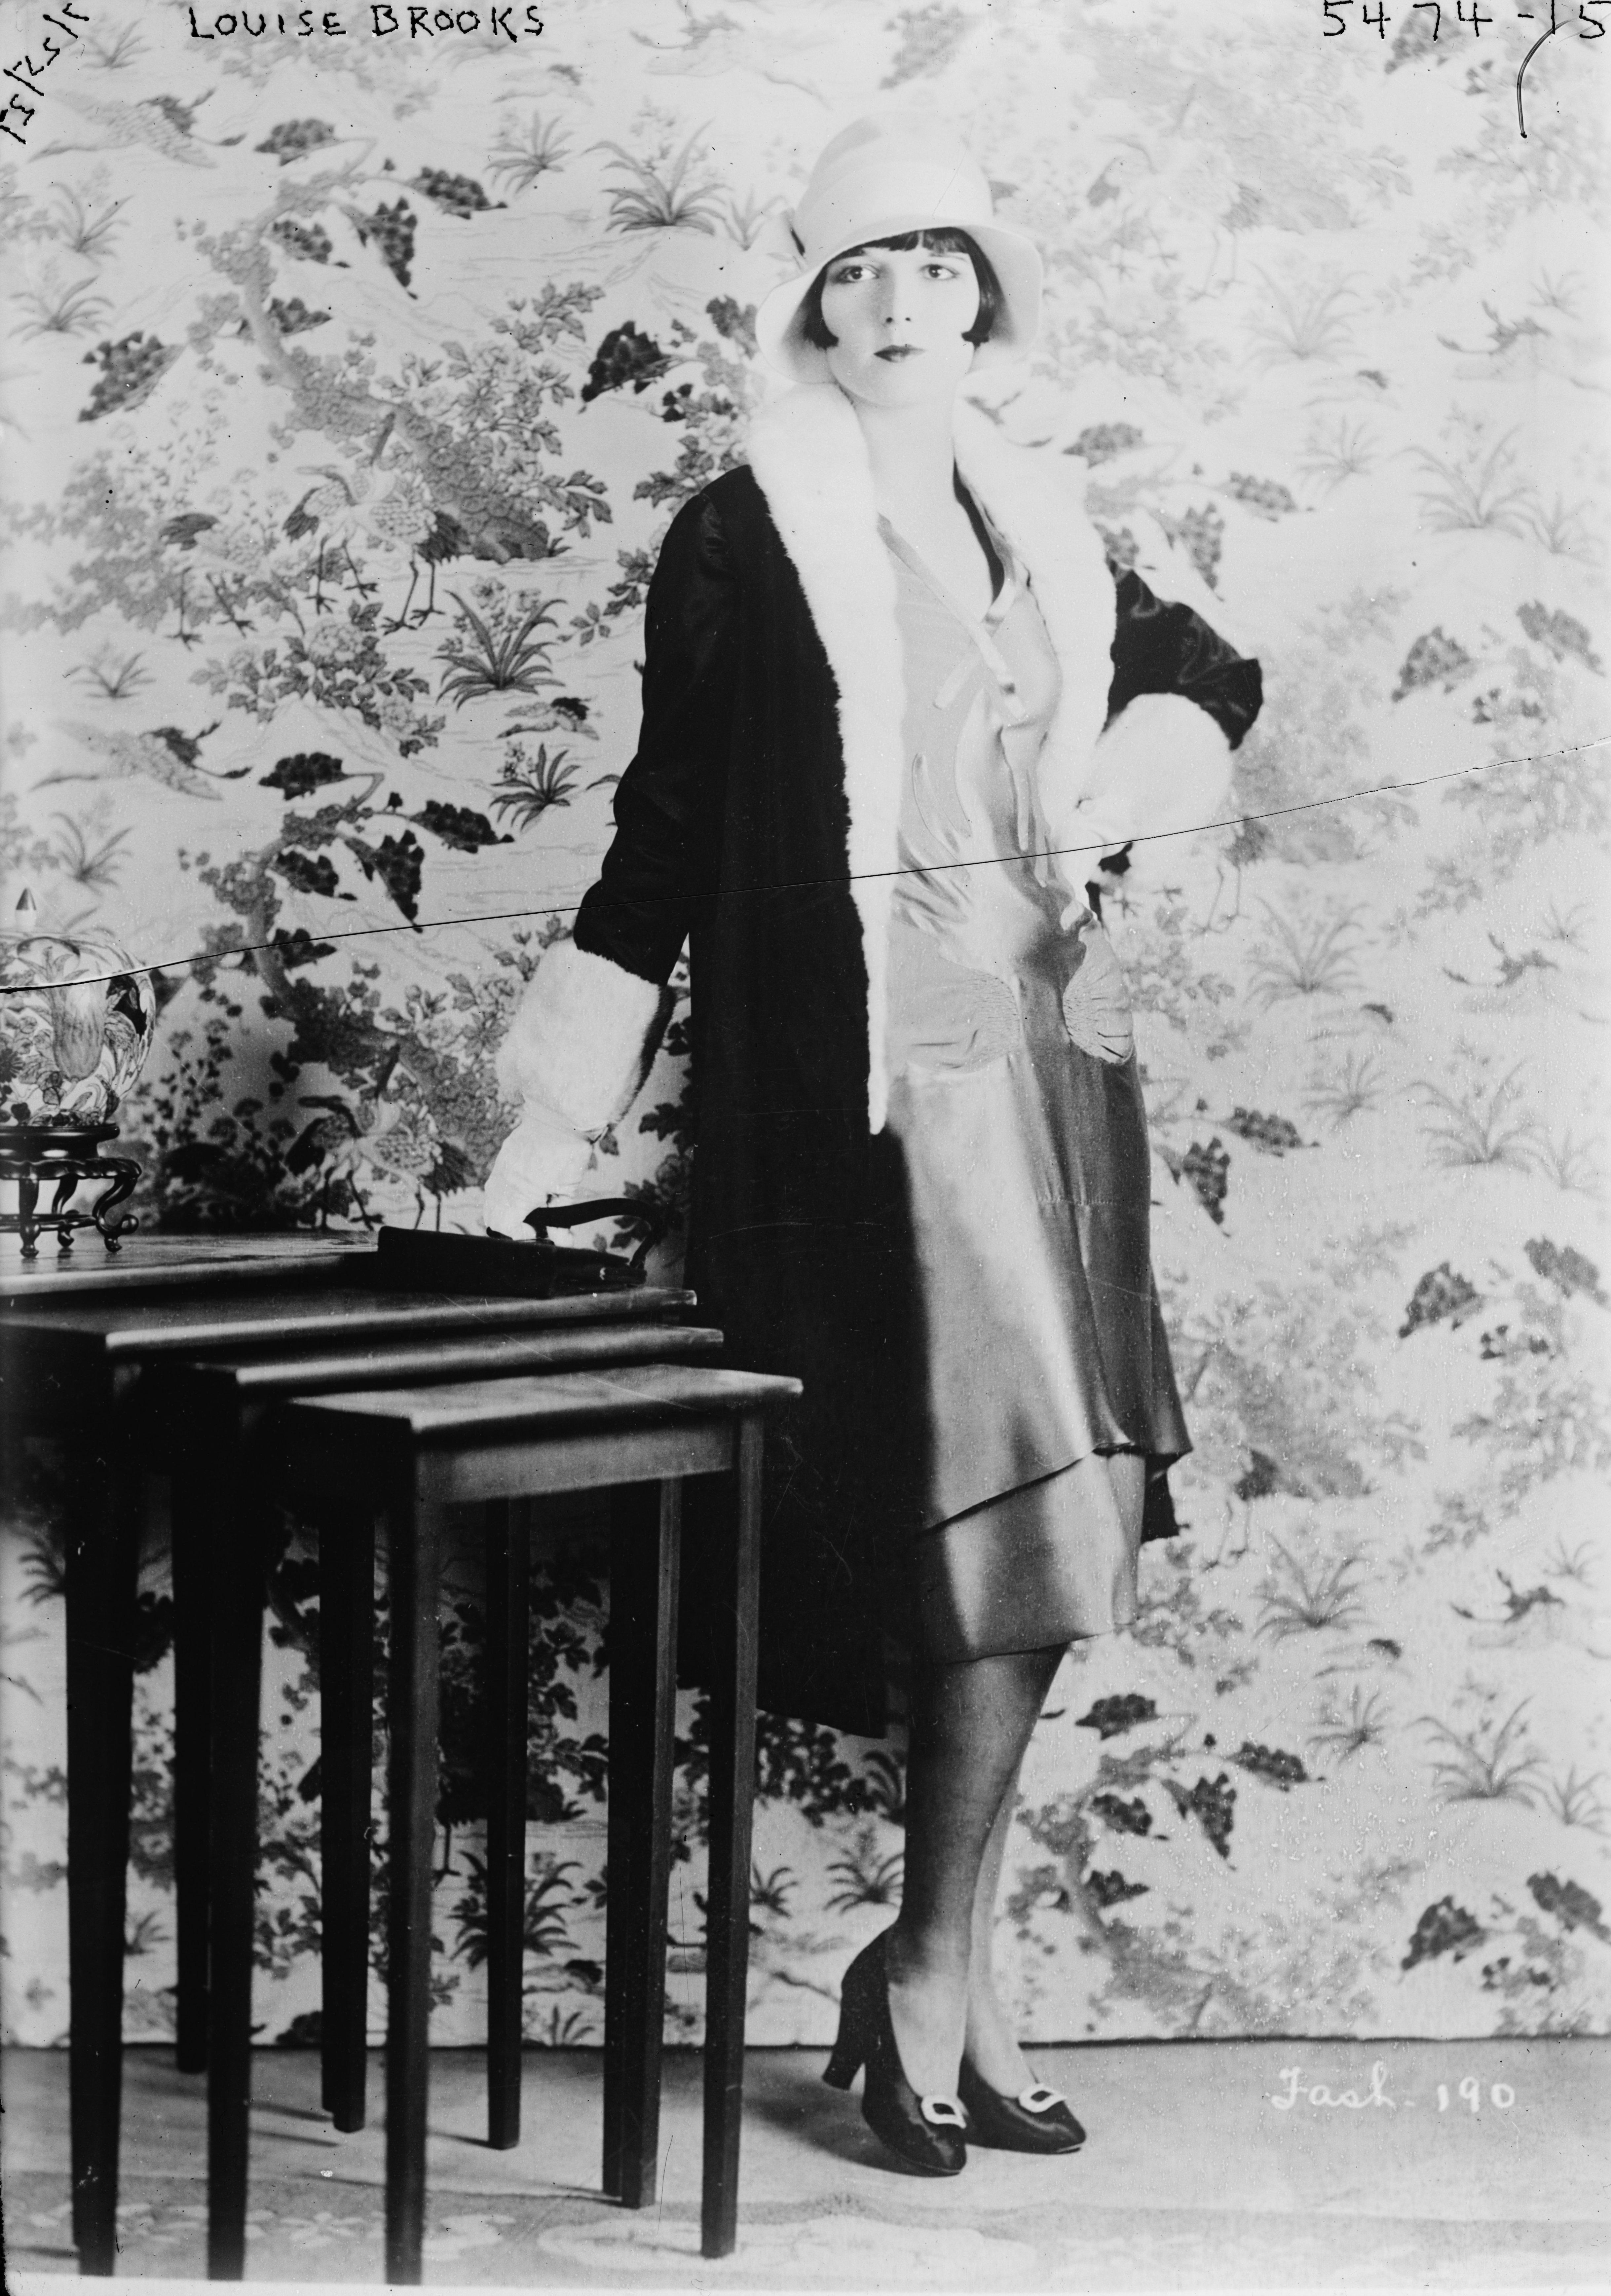 Louise Brooks, 1927